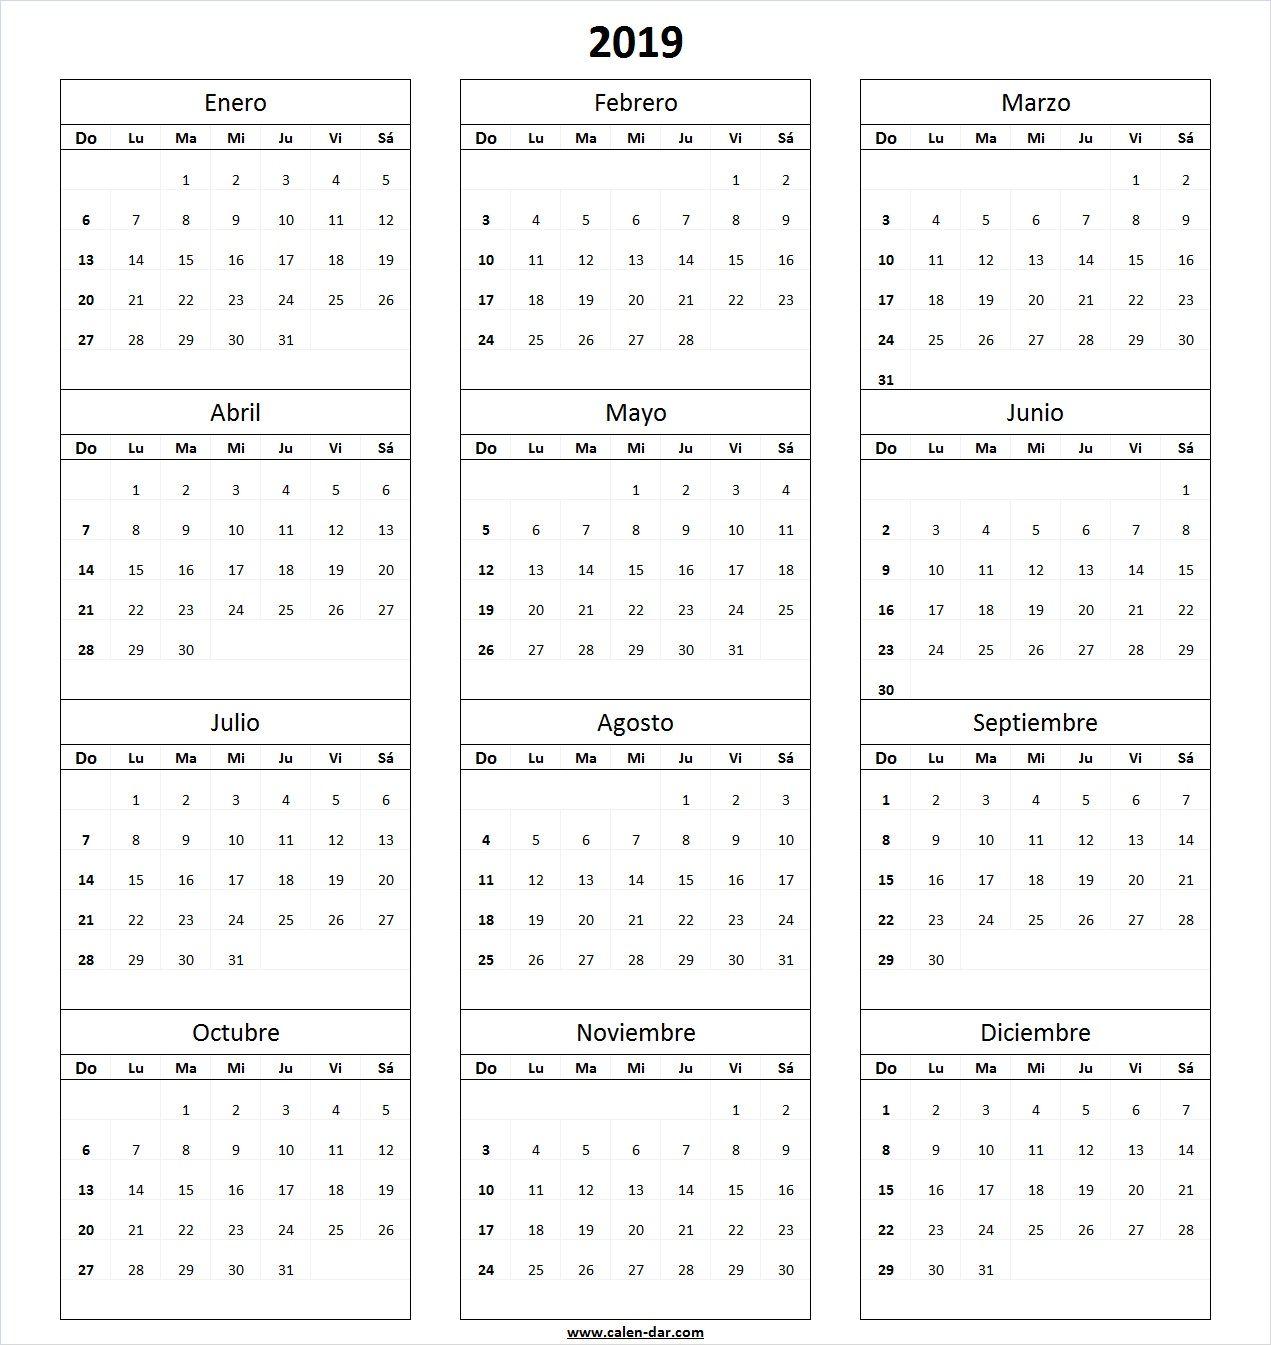 Calendario Mr Wonderful 2019 Para Imprimir.Calendario Mr Wonderful 2020 Para Imprimir